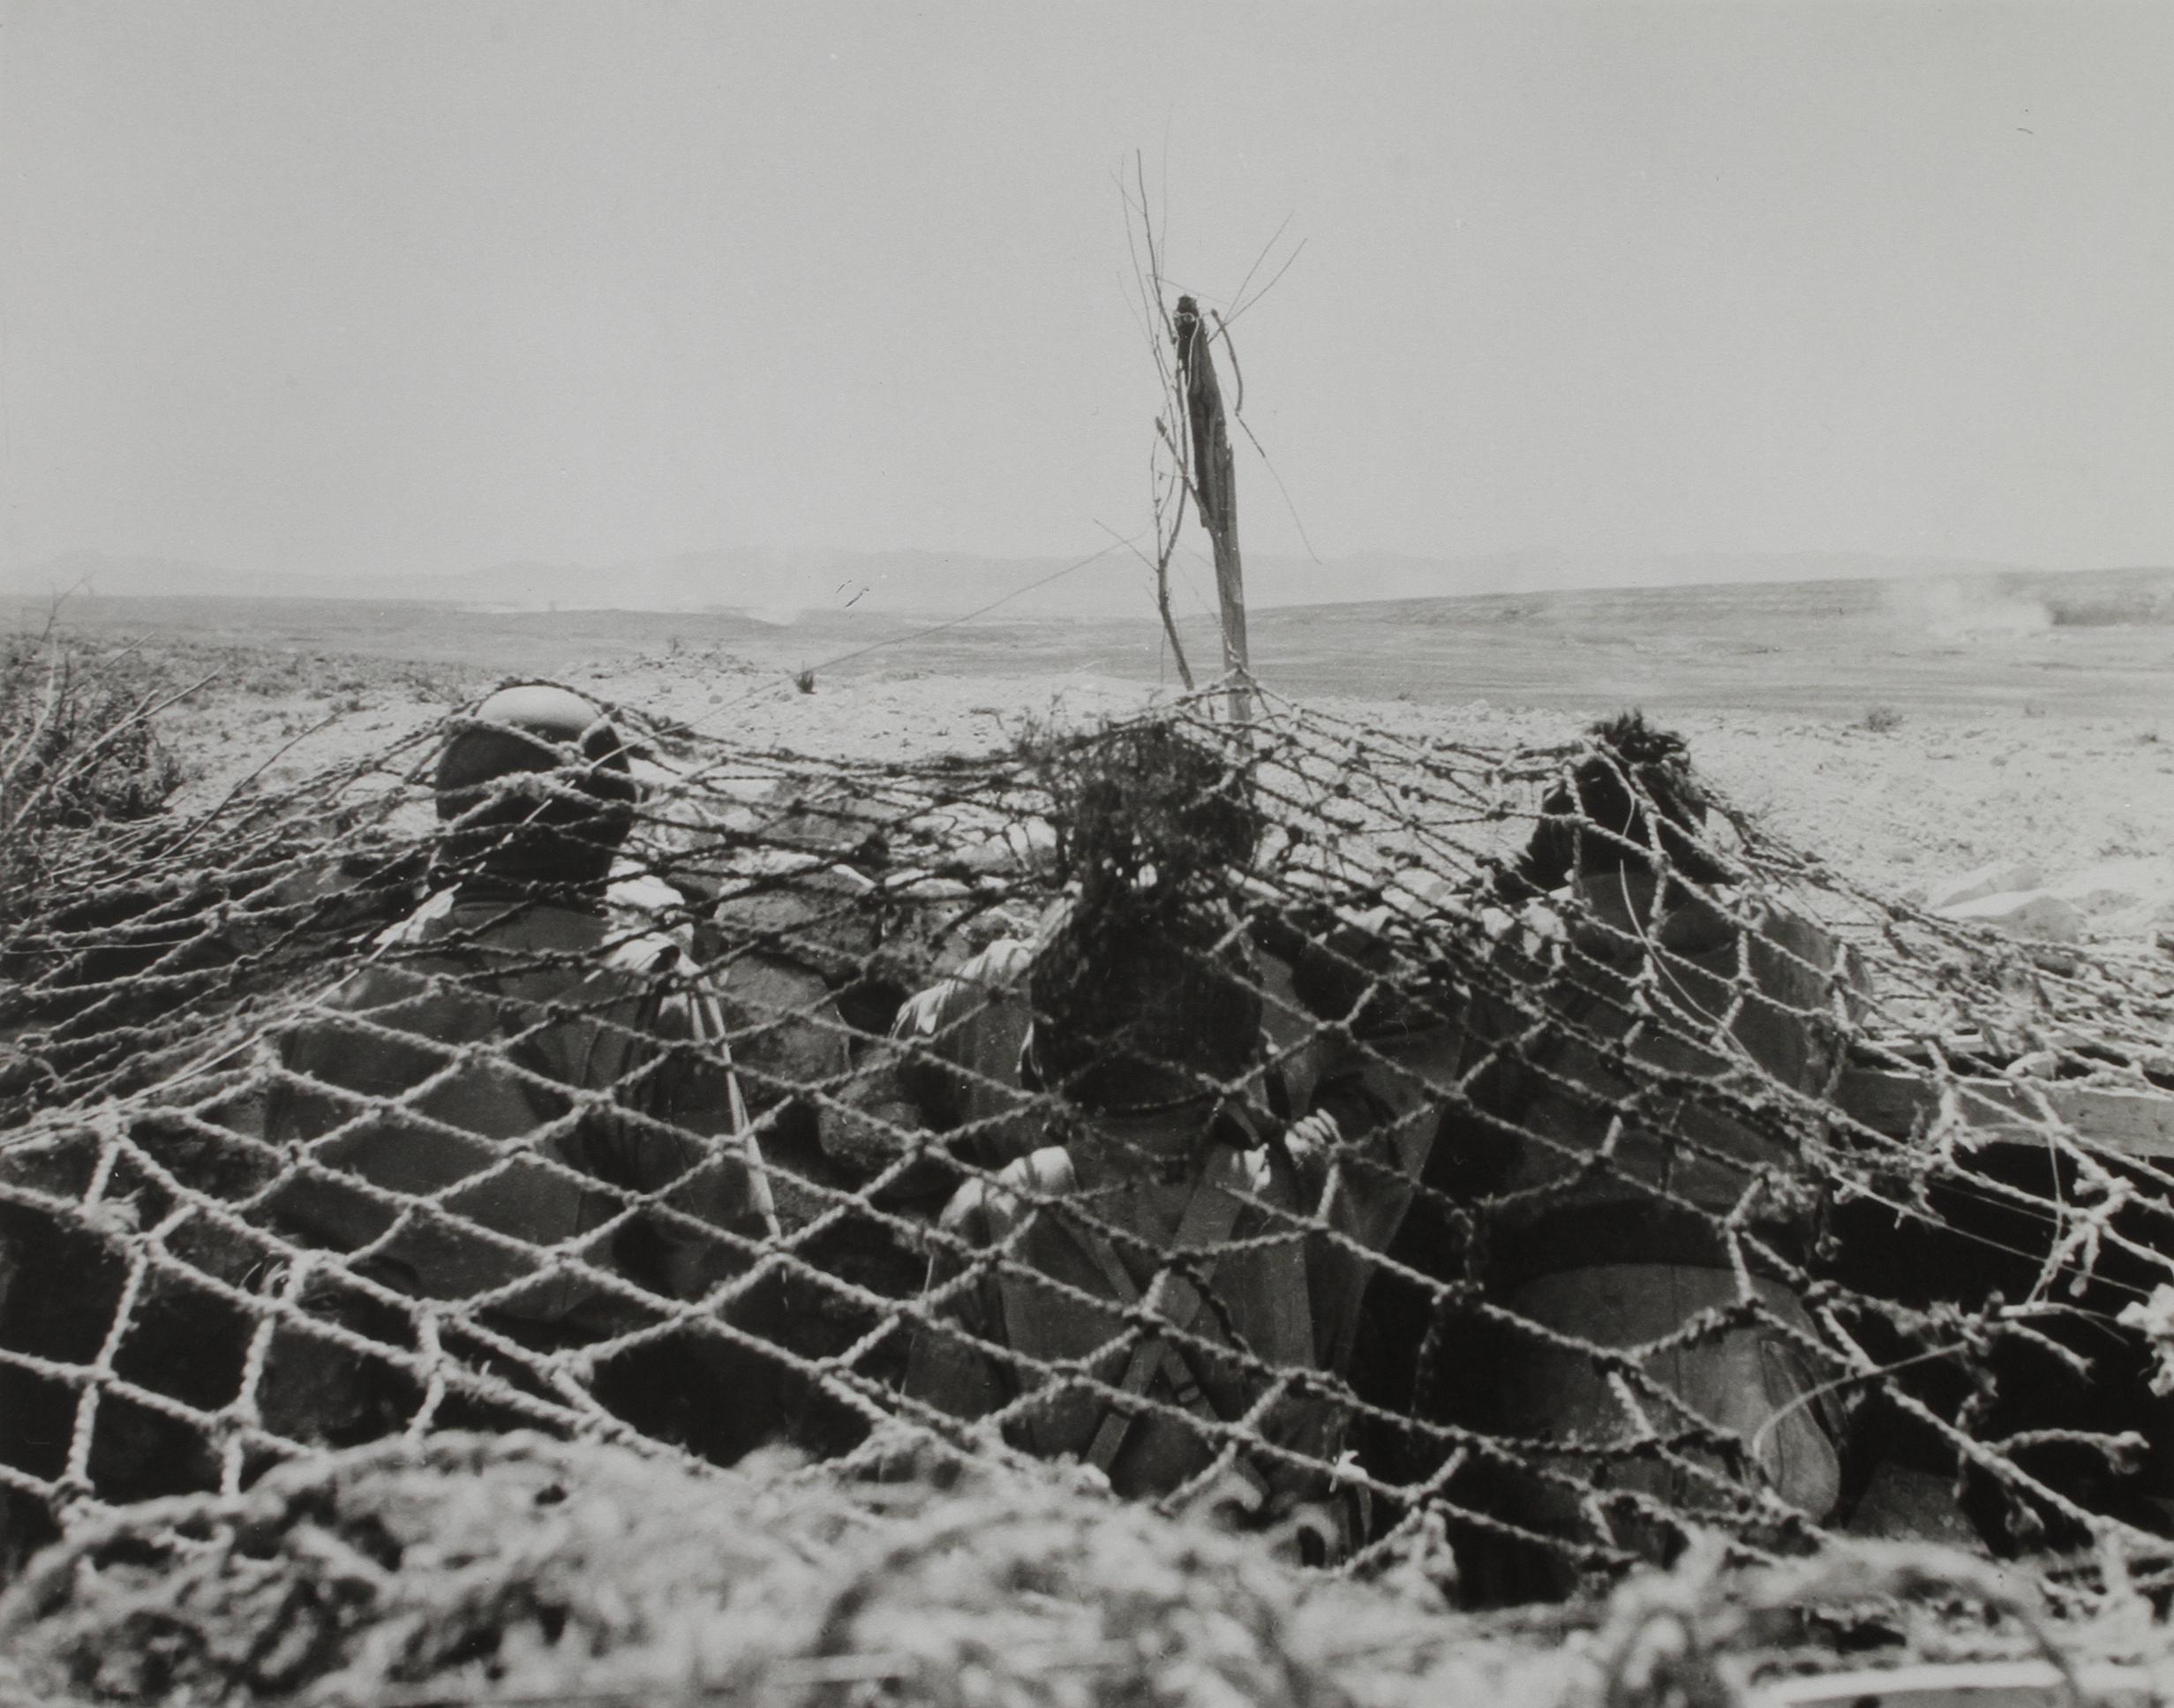 1948. Камуфляж в пустыне. Роберт Капа